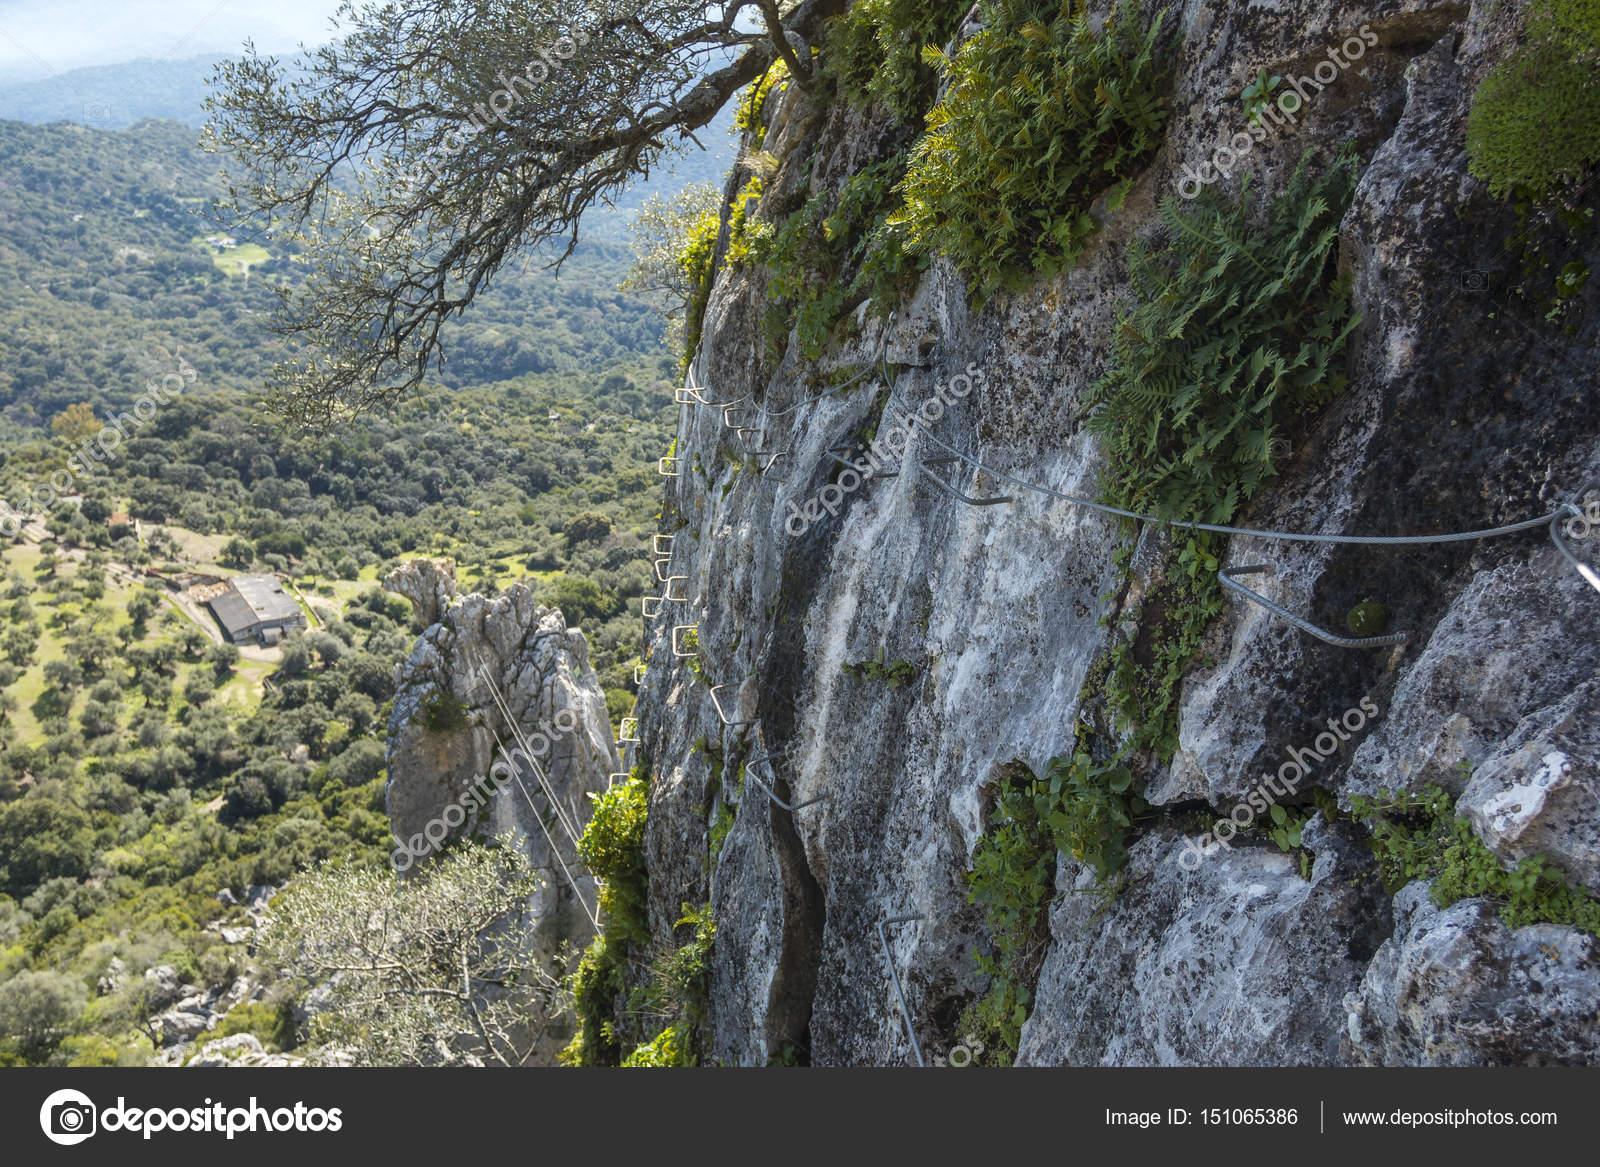 Kletterausrüstung Klettersteig : Kletterausrüstung klettersteig auf schöne landschaft u stockfoto